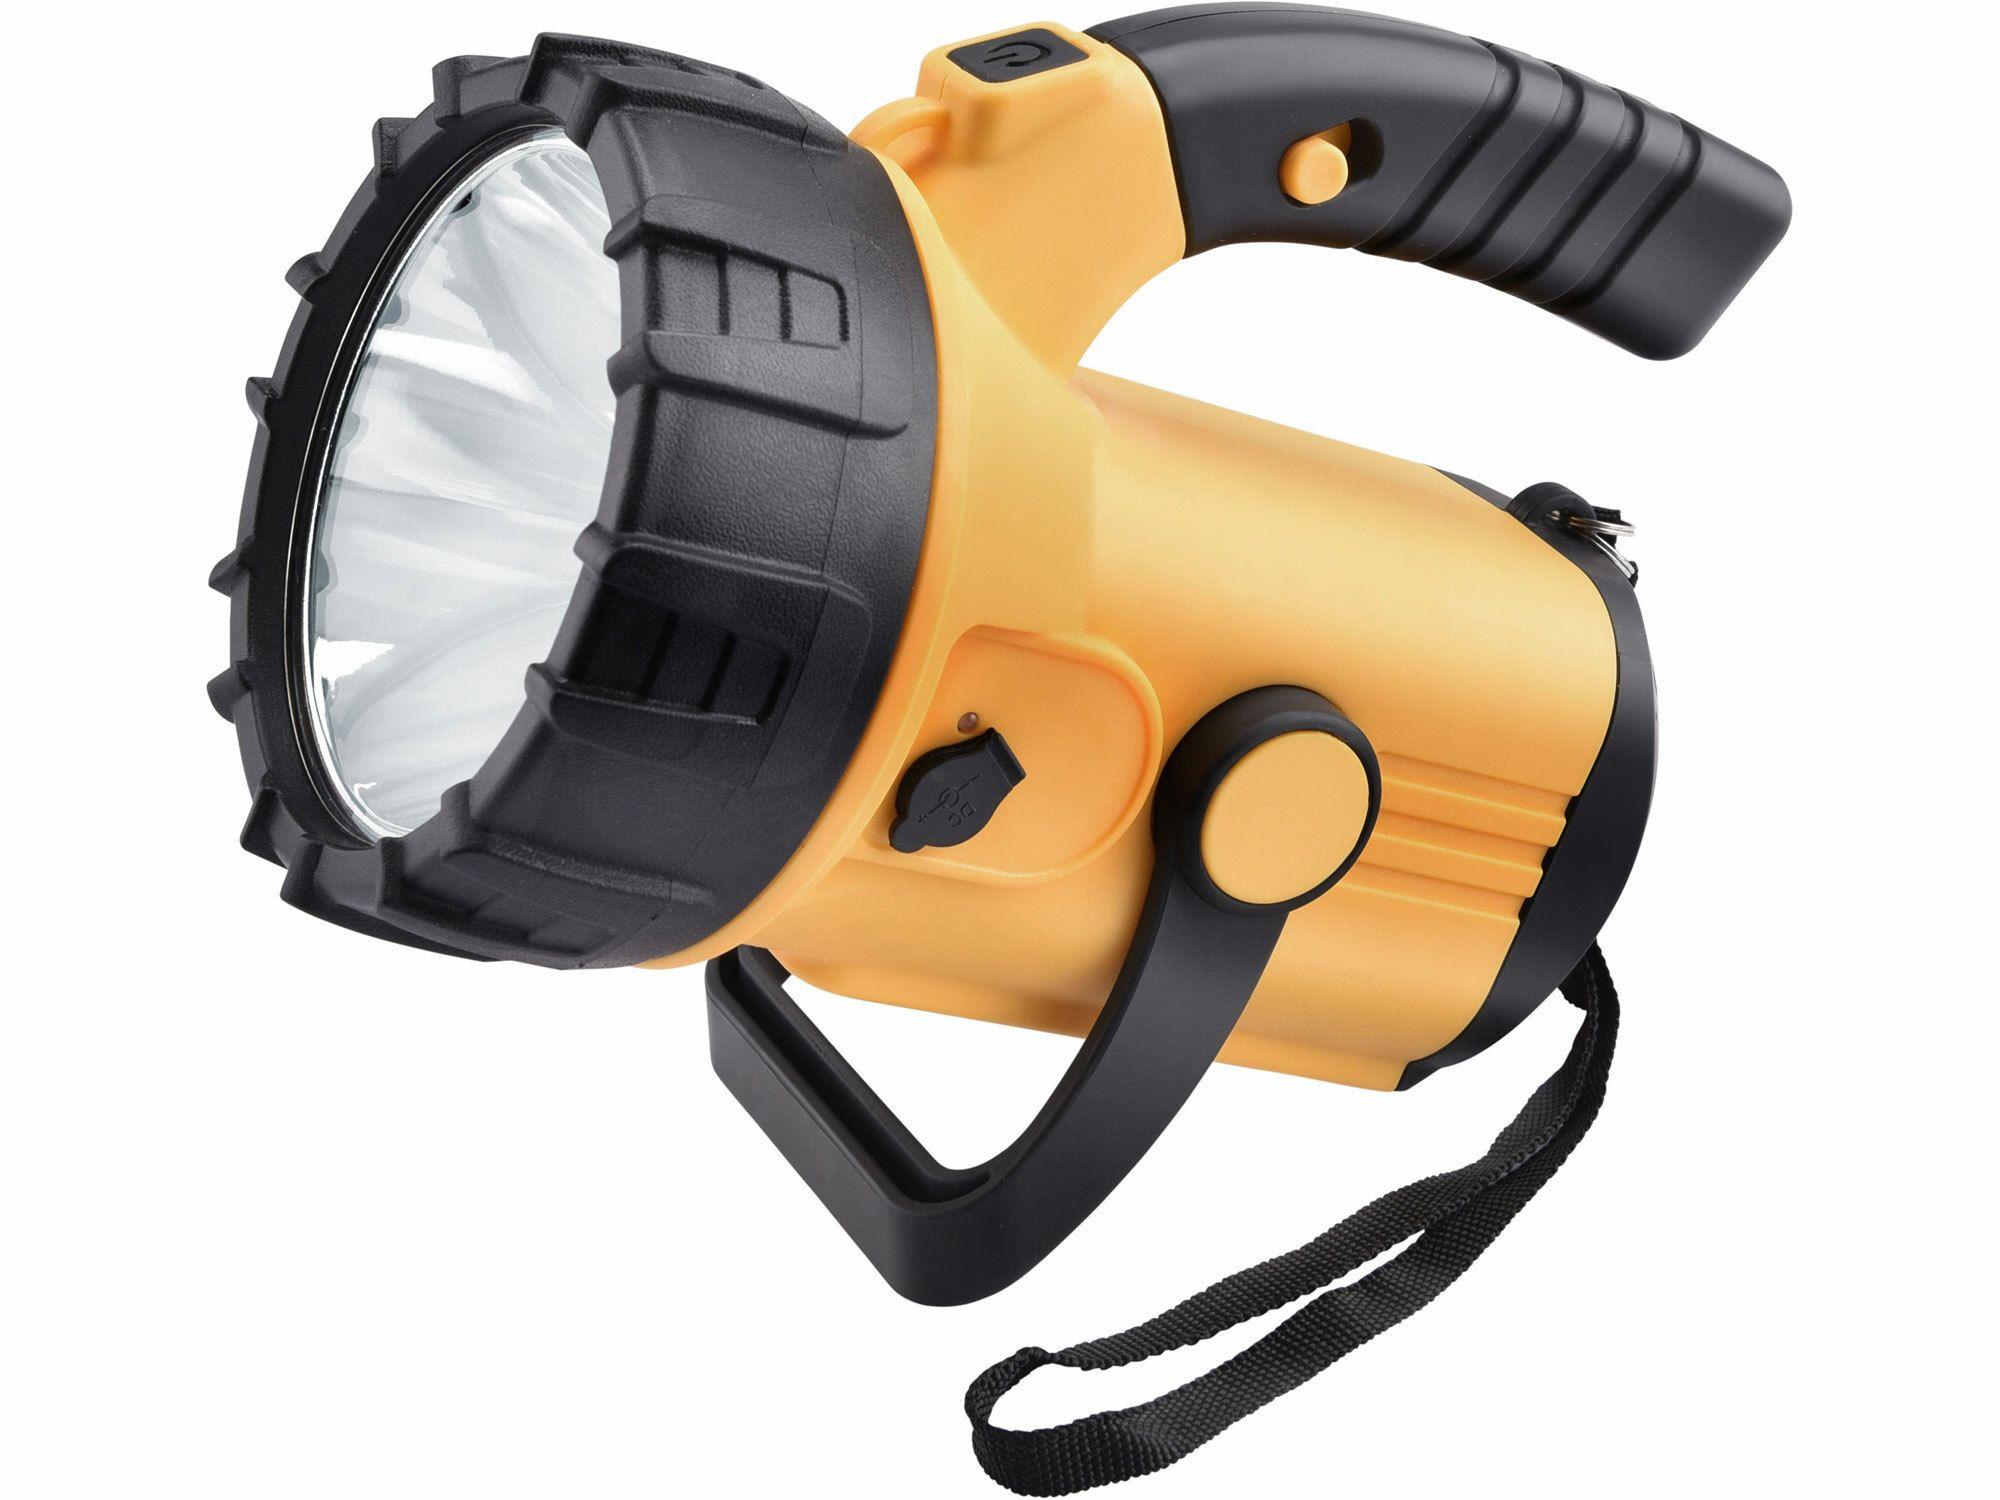 Svítilna 500lm CREE XML s bočním světlem 300lm, nabíjecí, CREE XML 10W LED, EXTOL LIGHT